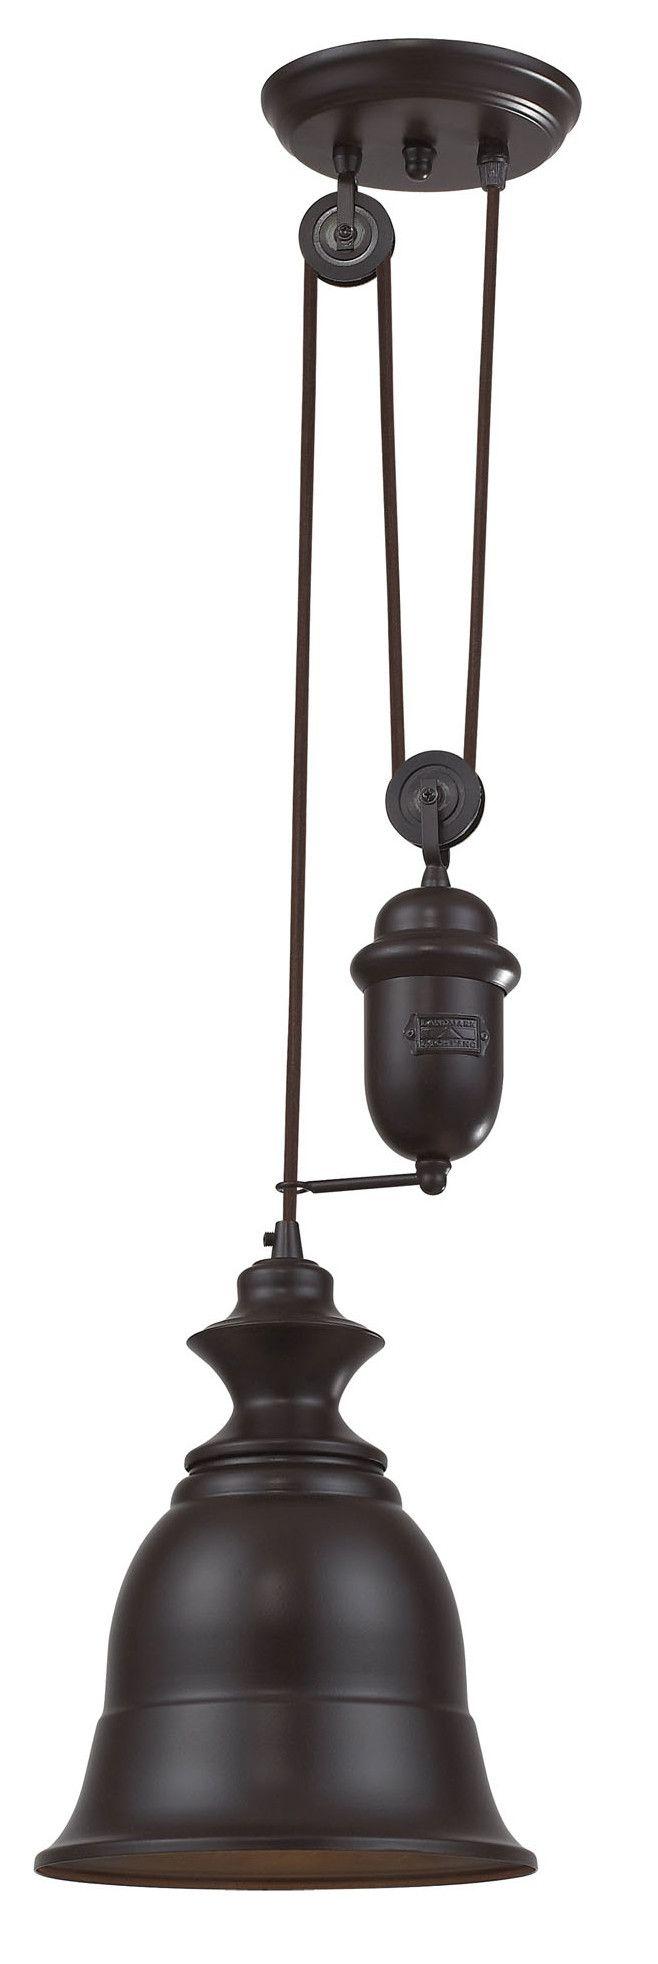 Best 25 farmhouse led bulbs ideas on pinterest farmhouse light farmhouse 60w 12 volt led light bulb sciox Images